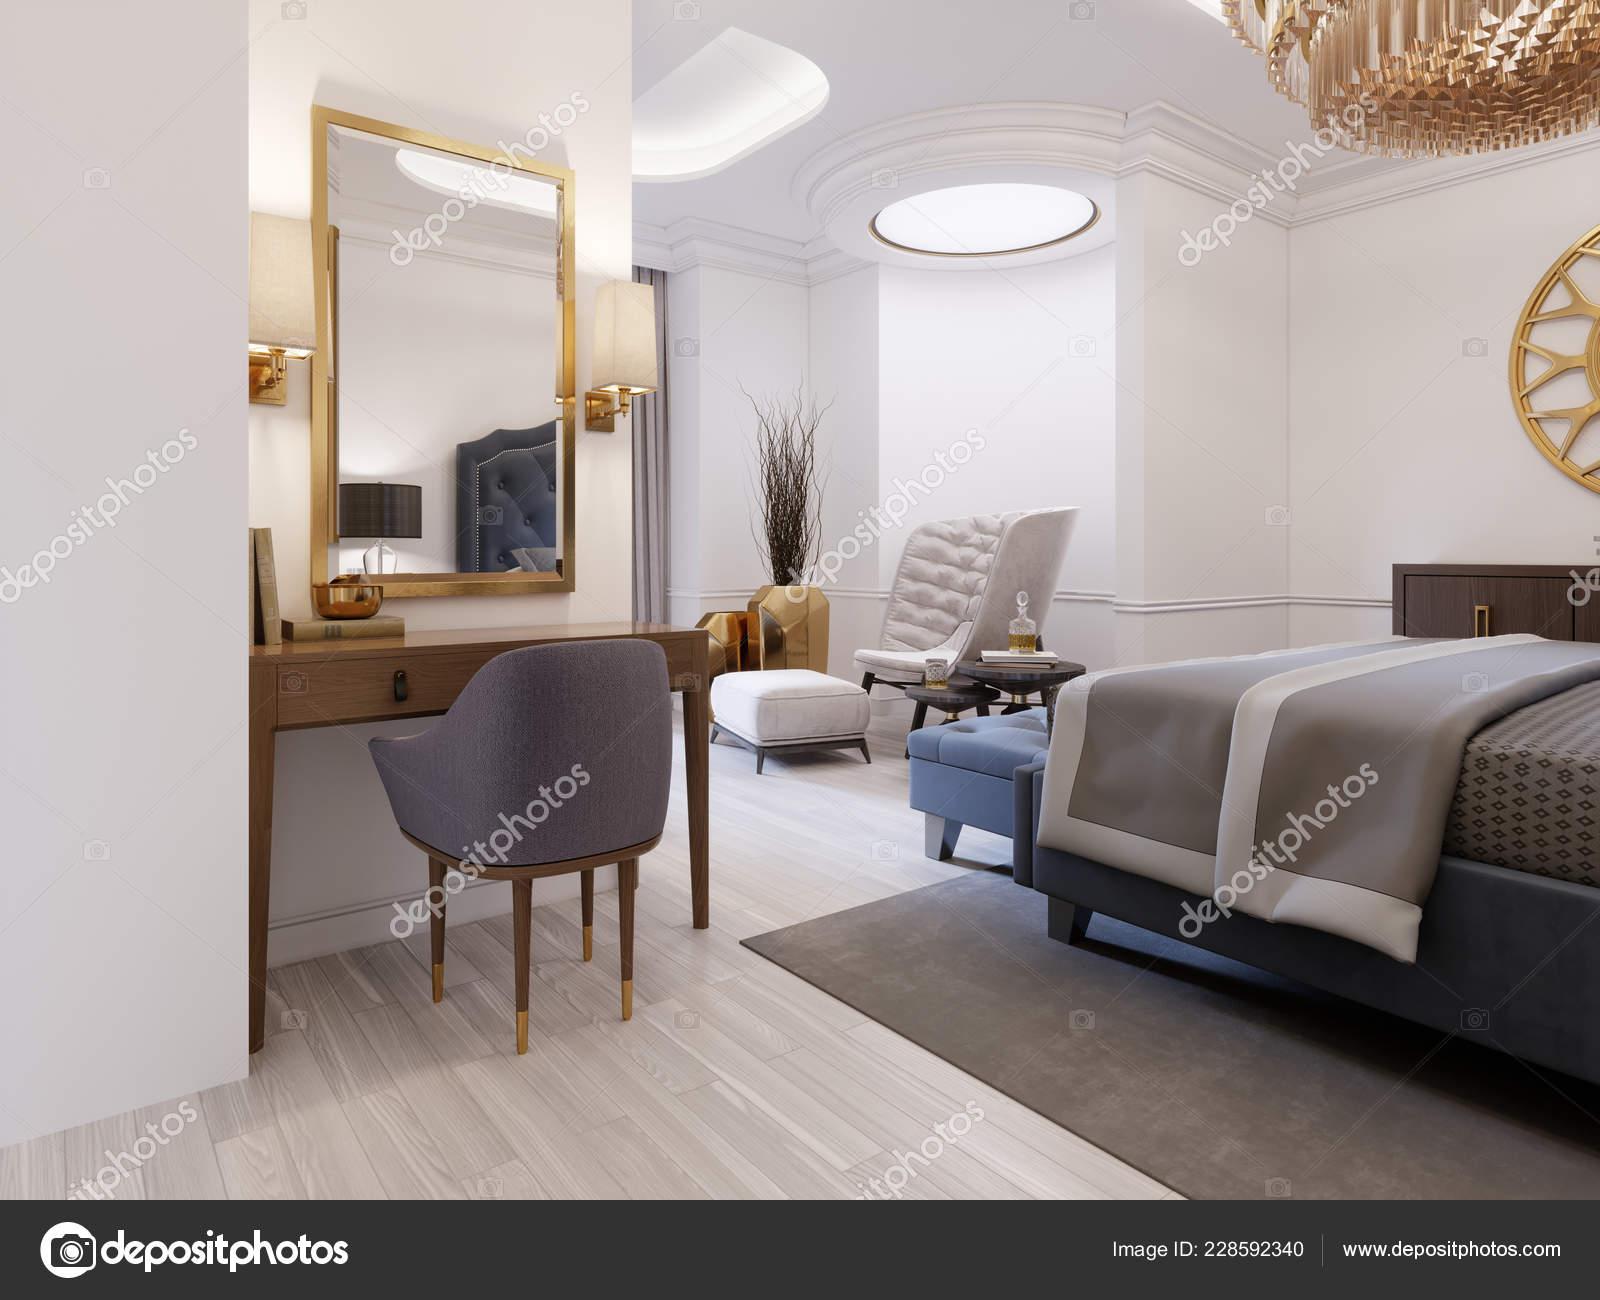 Bagno Aperto In Camera : Suite design moderno con arredi eleganti bagno all aperto camera